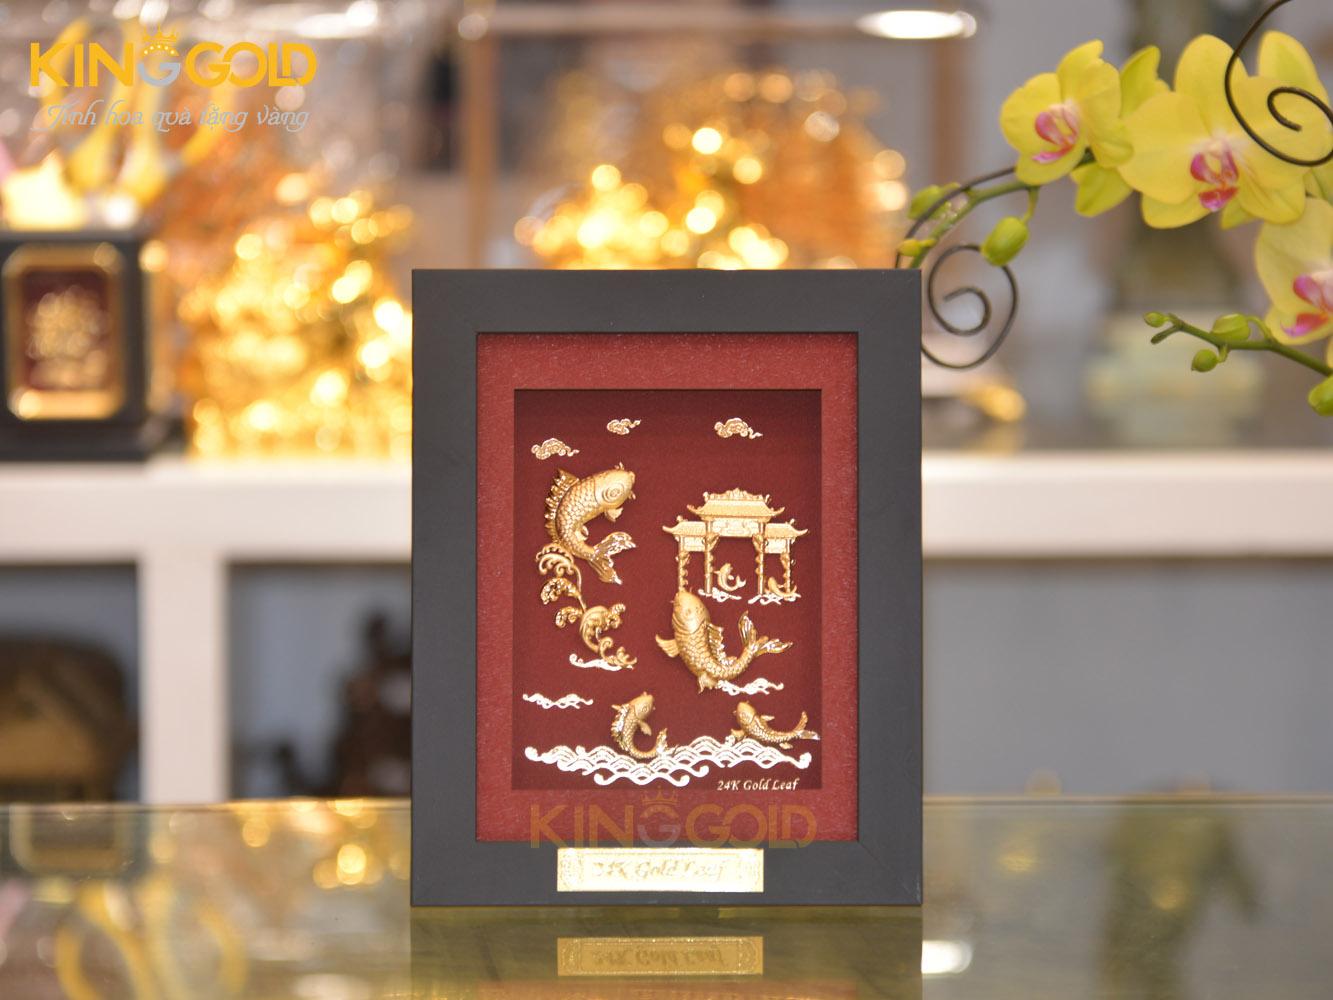 Tranh cá chép vượt vũ môn hóa rồng, quà tặng tranh vàng 24k0